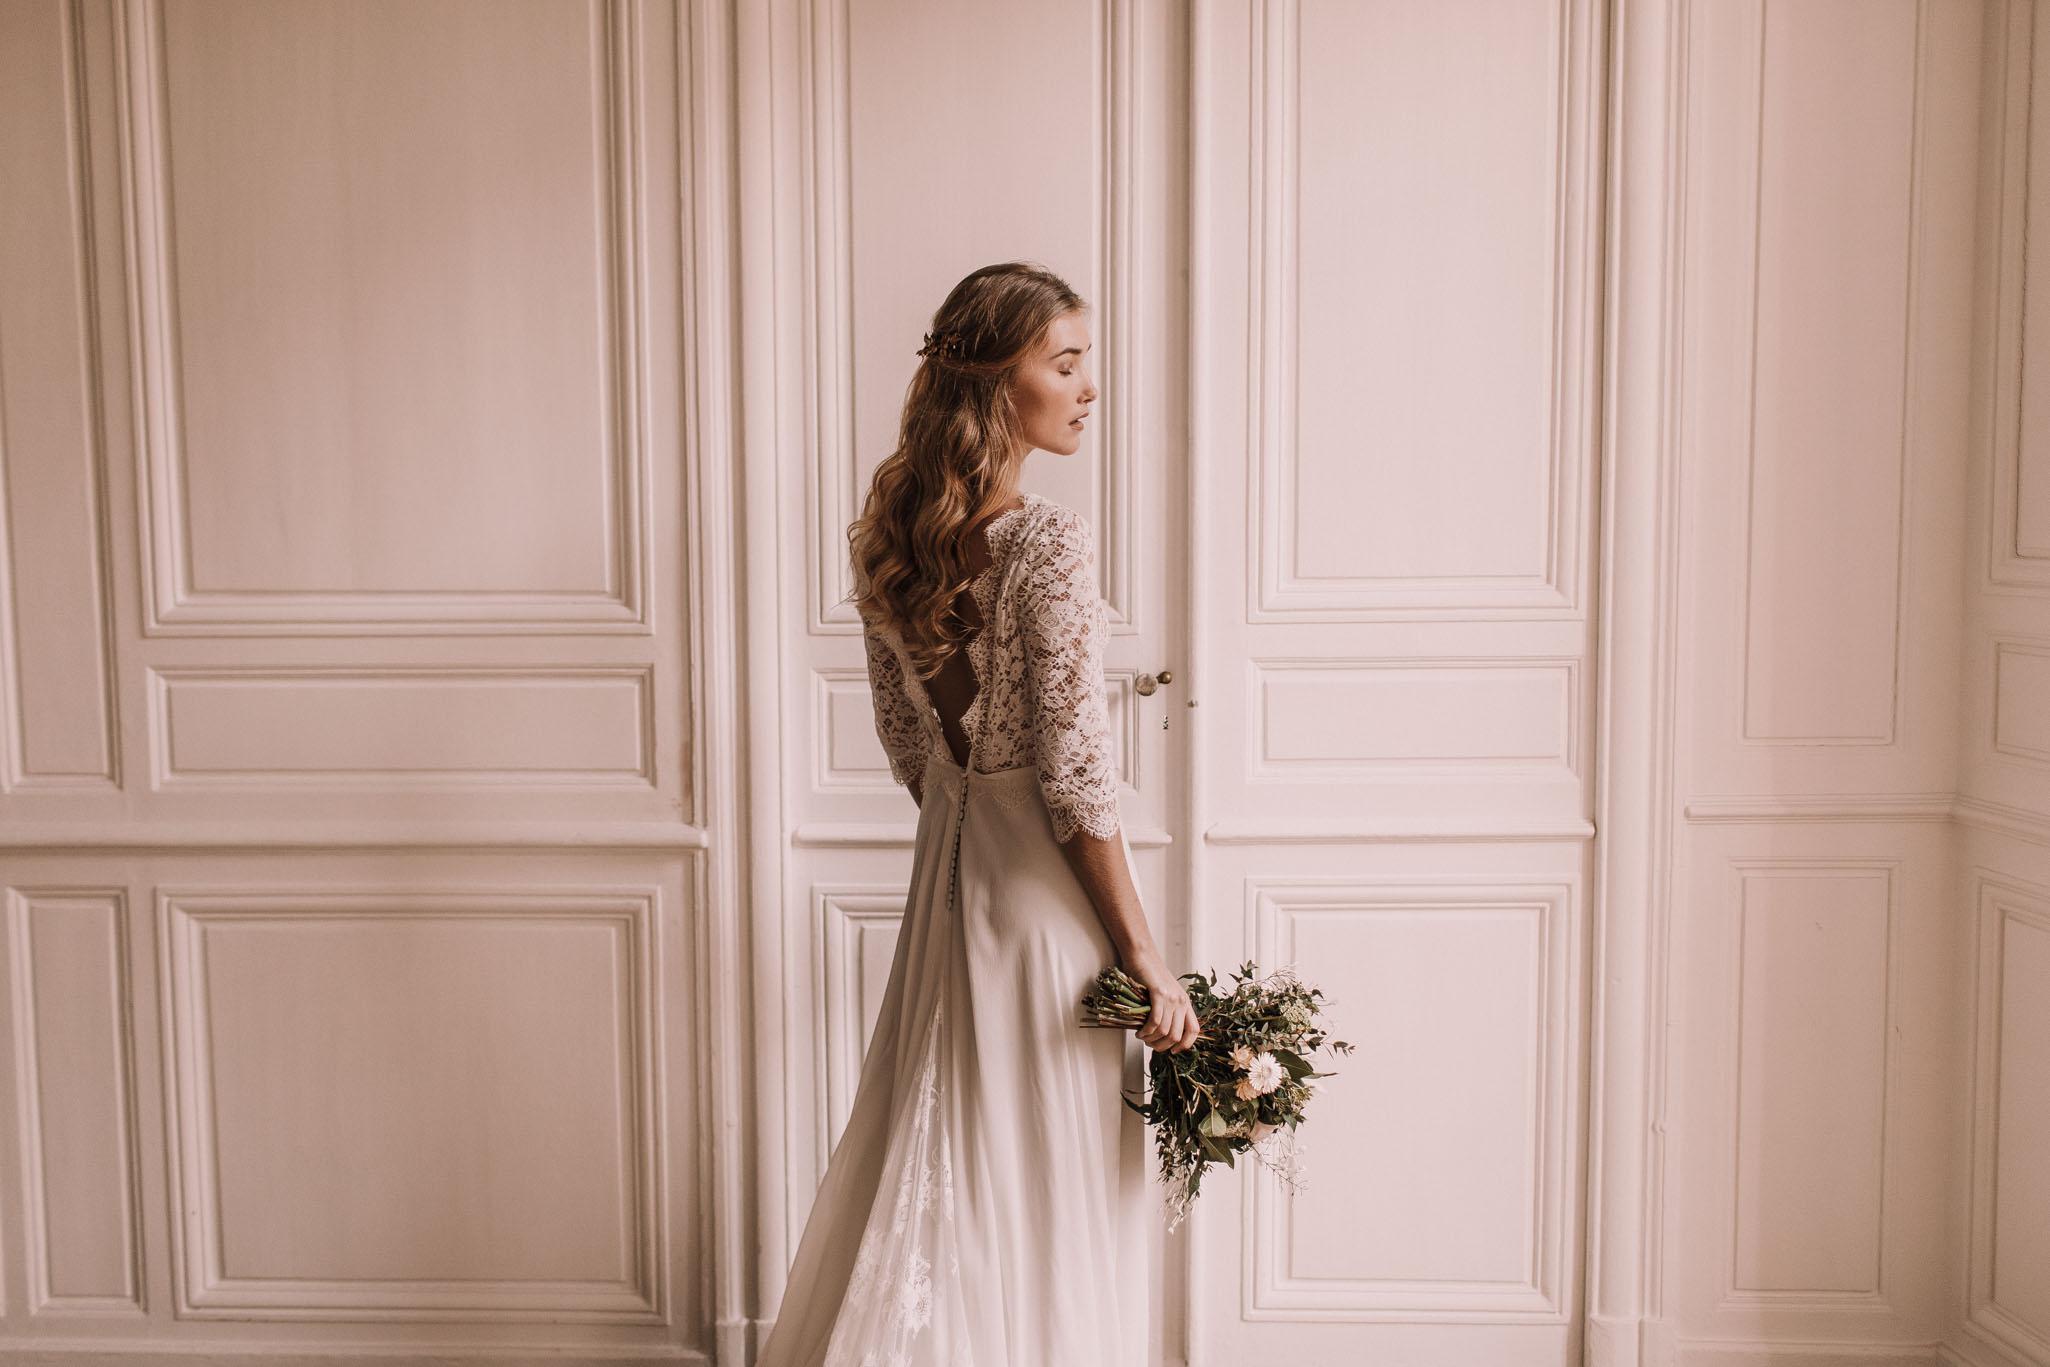 photographe-mariage-bordeaux-jeremy-boyer-white-minimal-35.jpg